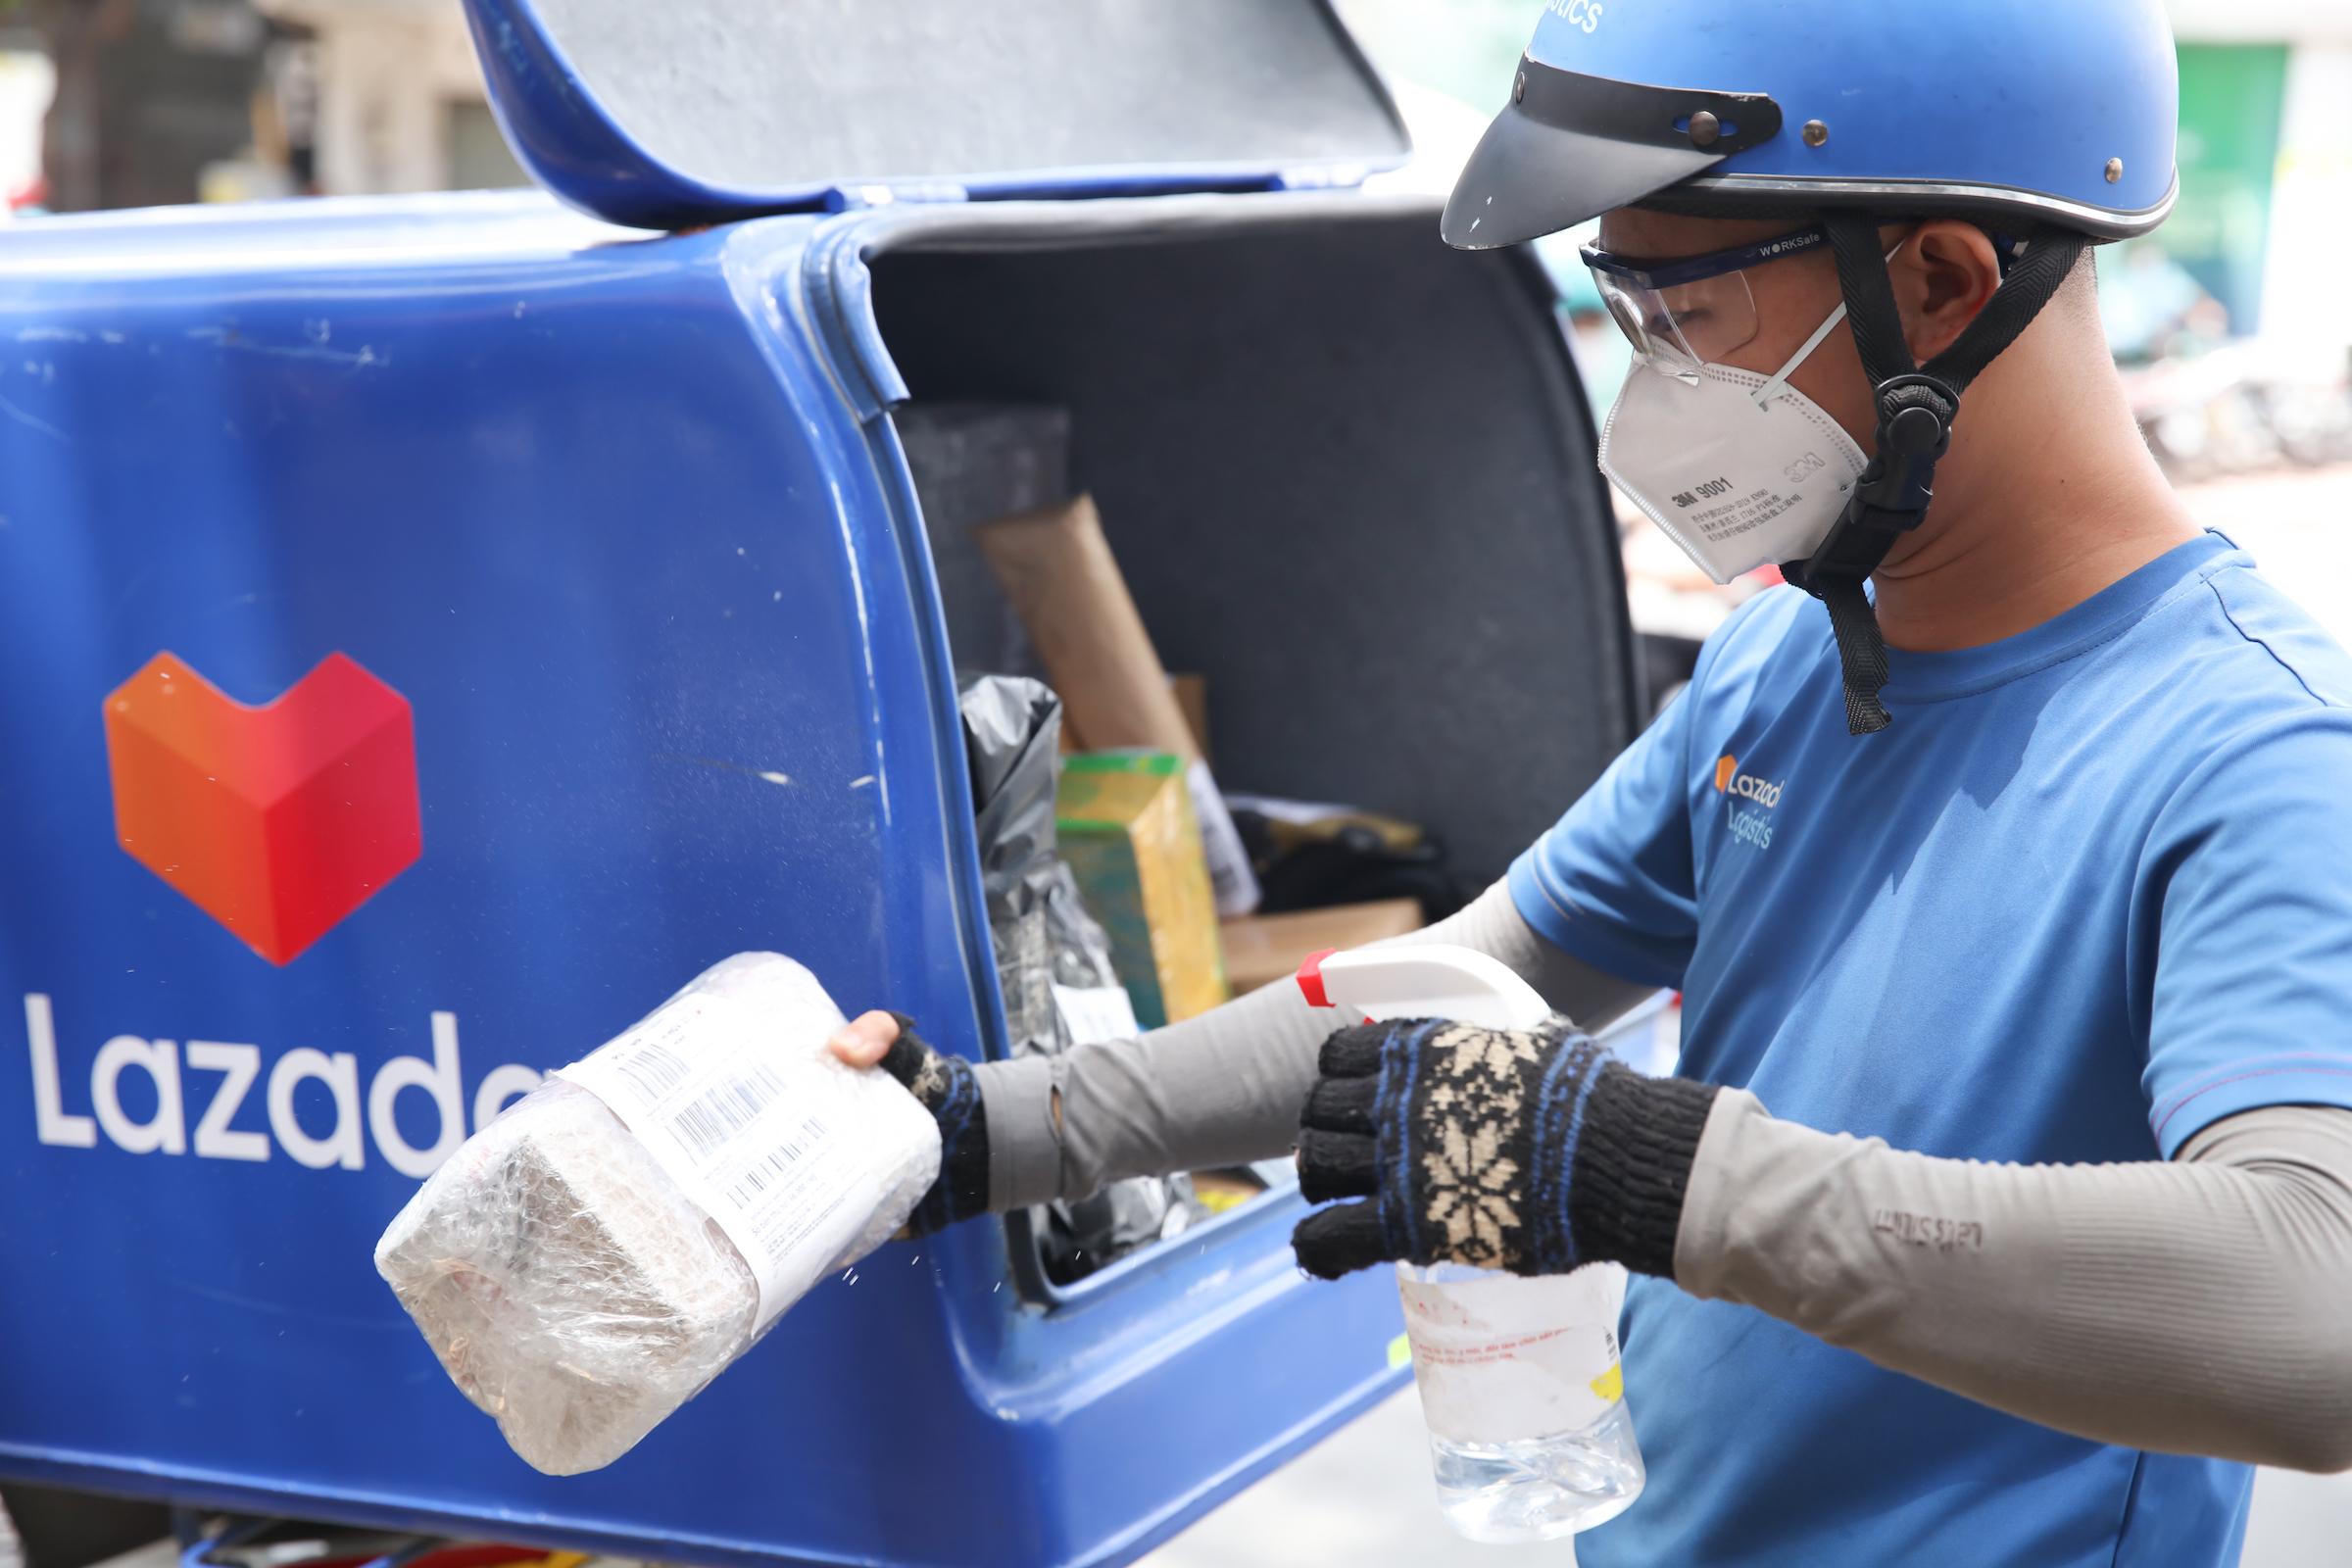 Đội ngũ shipper phối hợp chặt chẽ với nhà bán hàng và thực hiện đủ các bước khử khuẩn để đảm bảo sức khỏe cho khách mua hàng. Ảnh: Lazada Việt Nam.